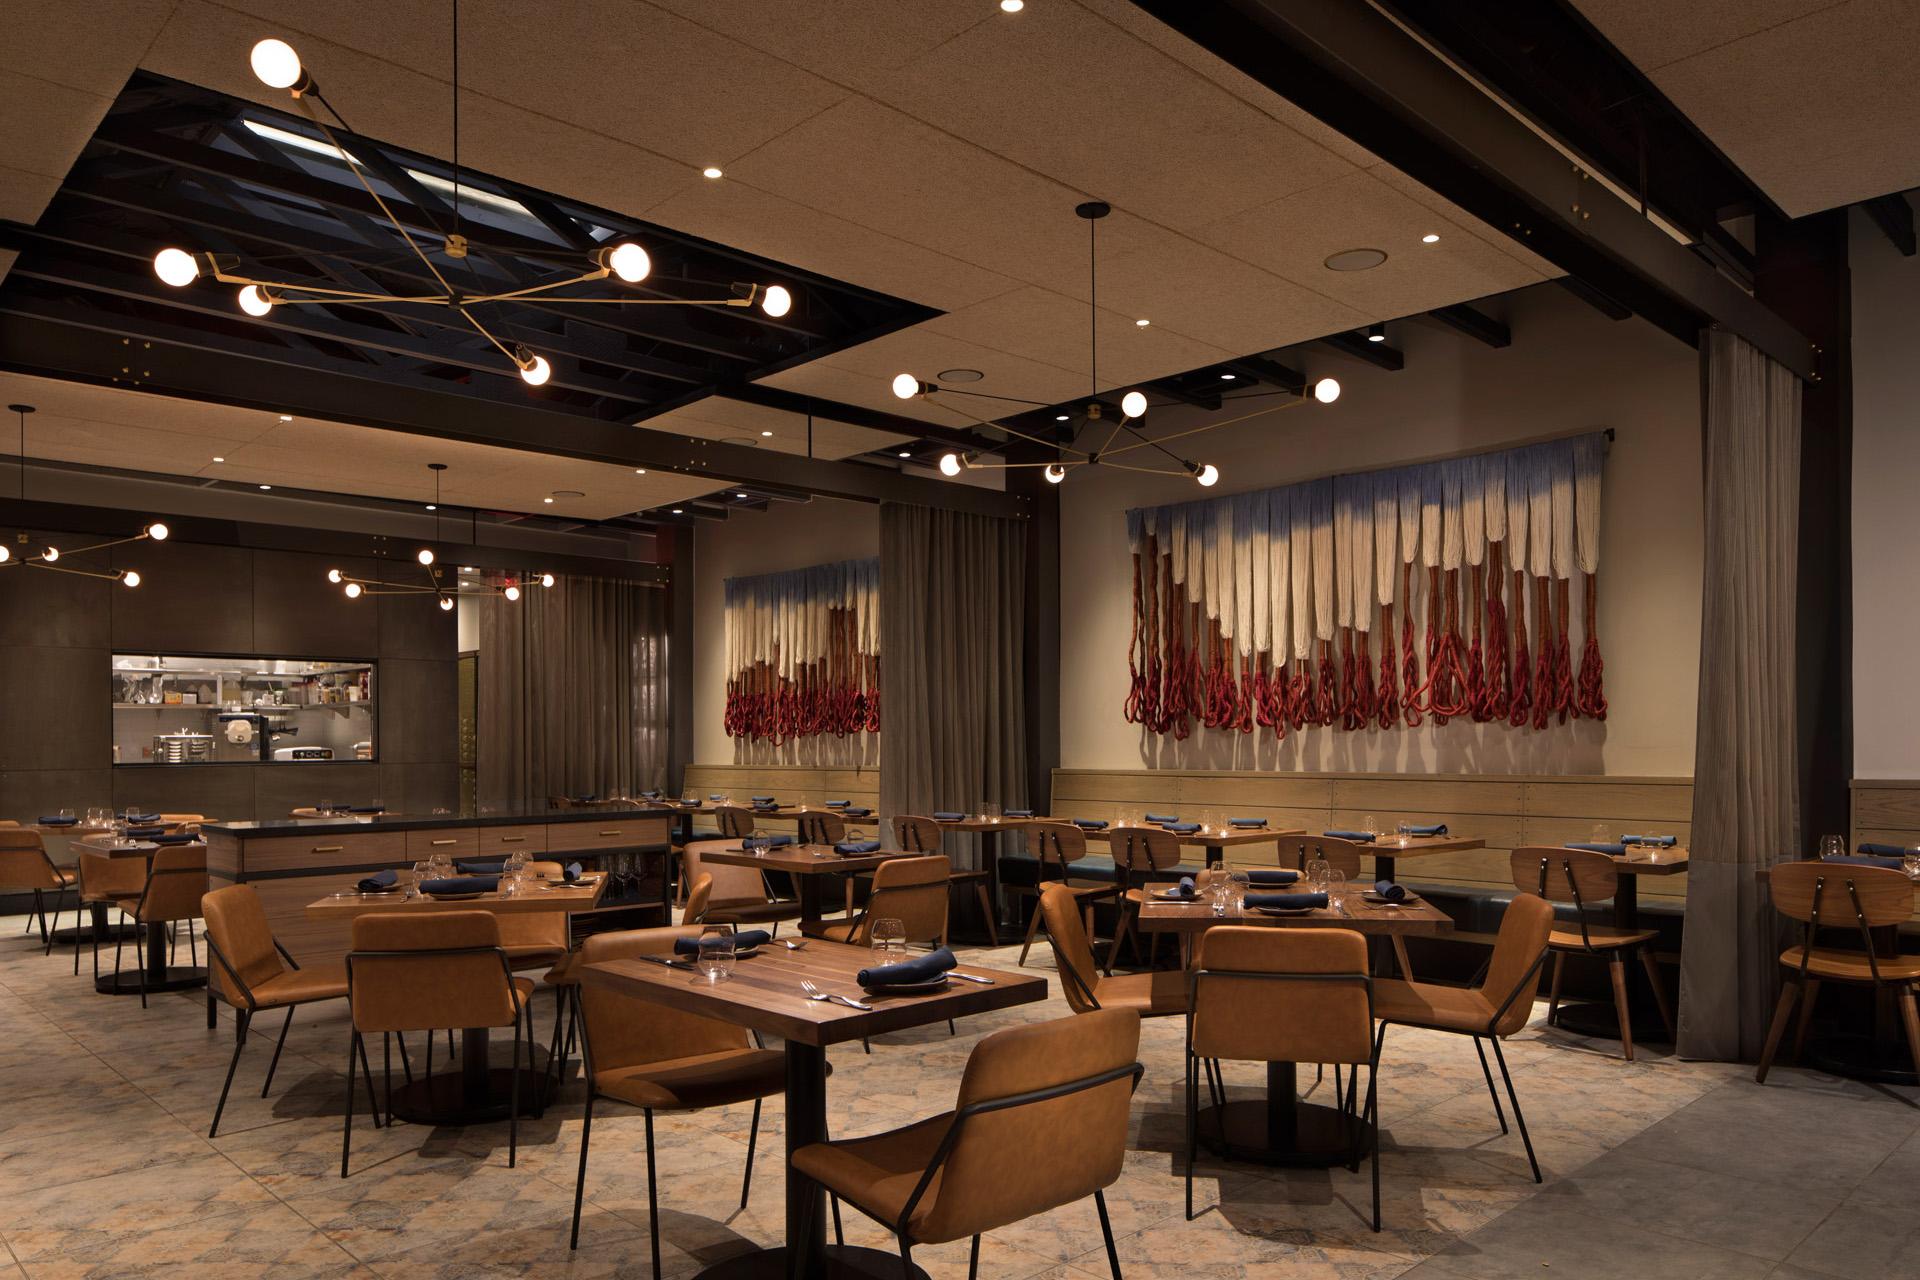 Pausa Bar & Cookery restaurant modern design